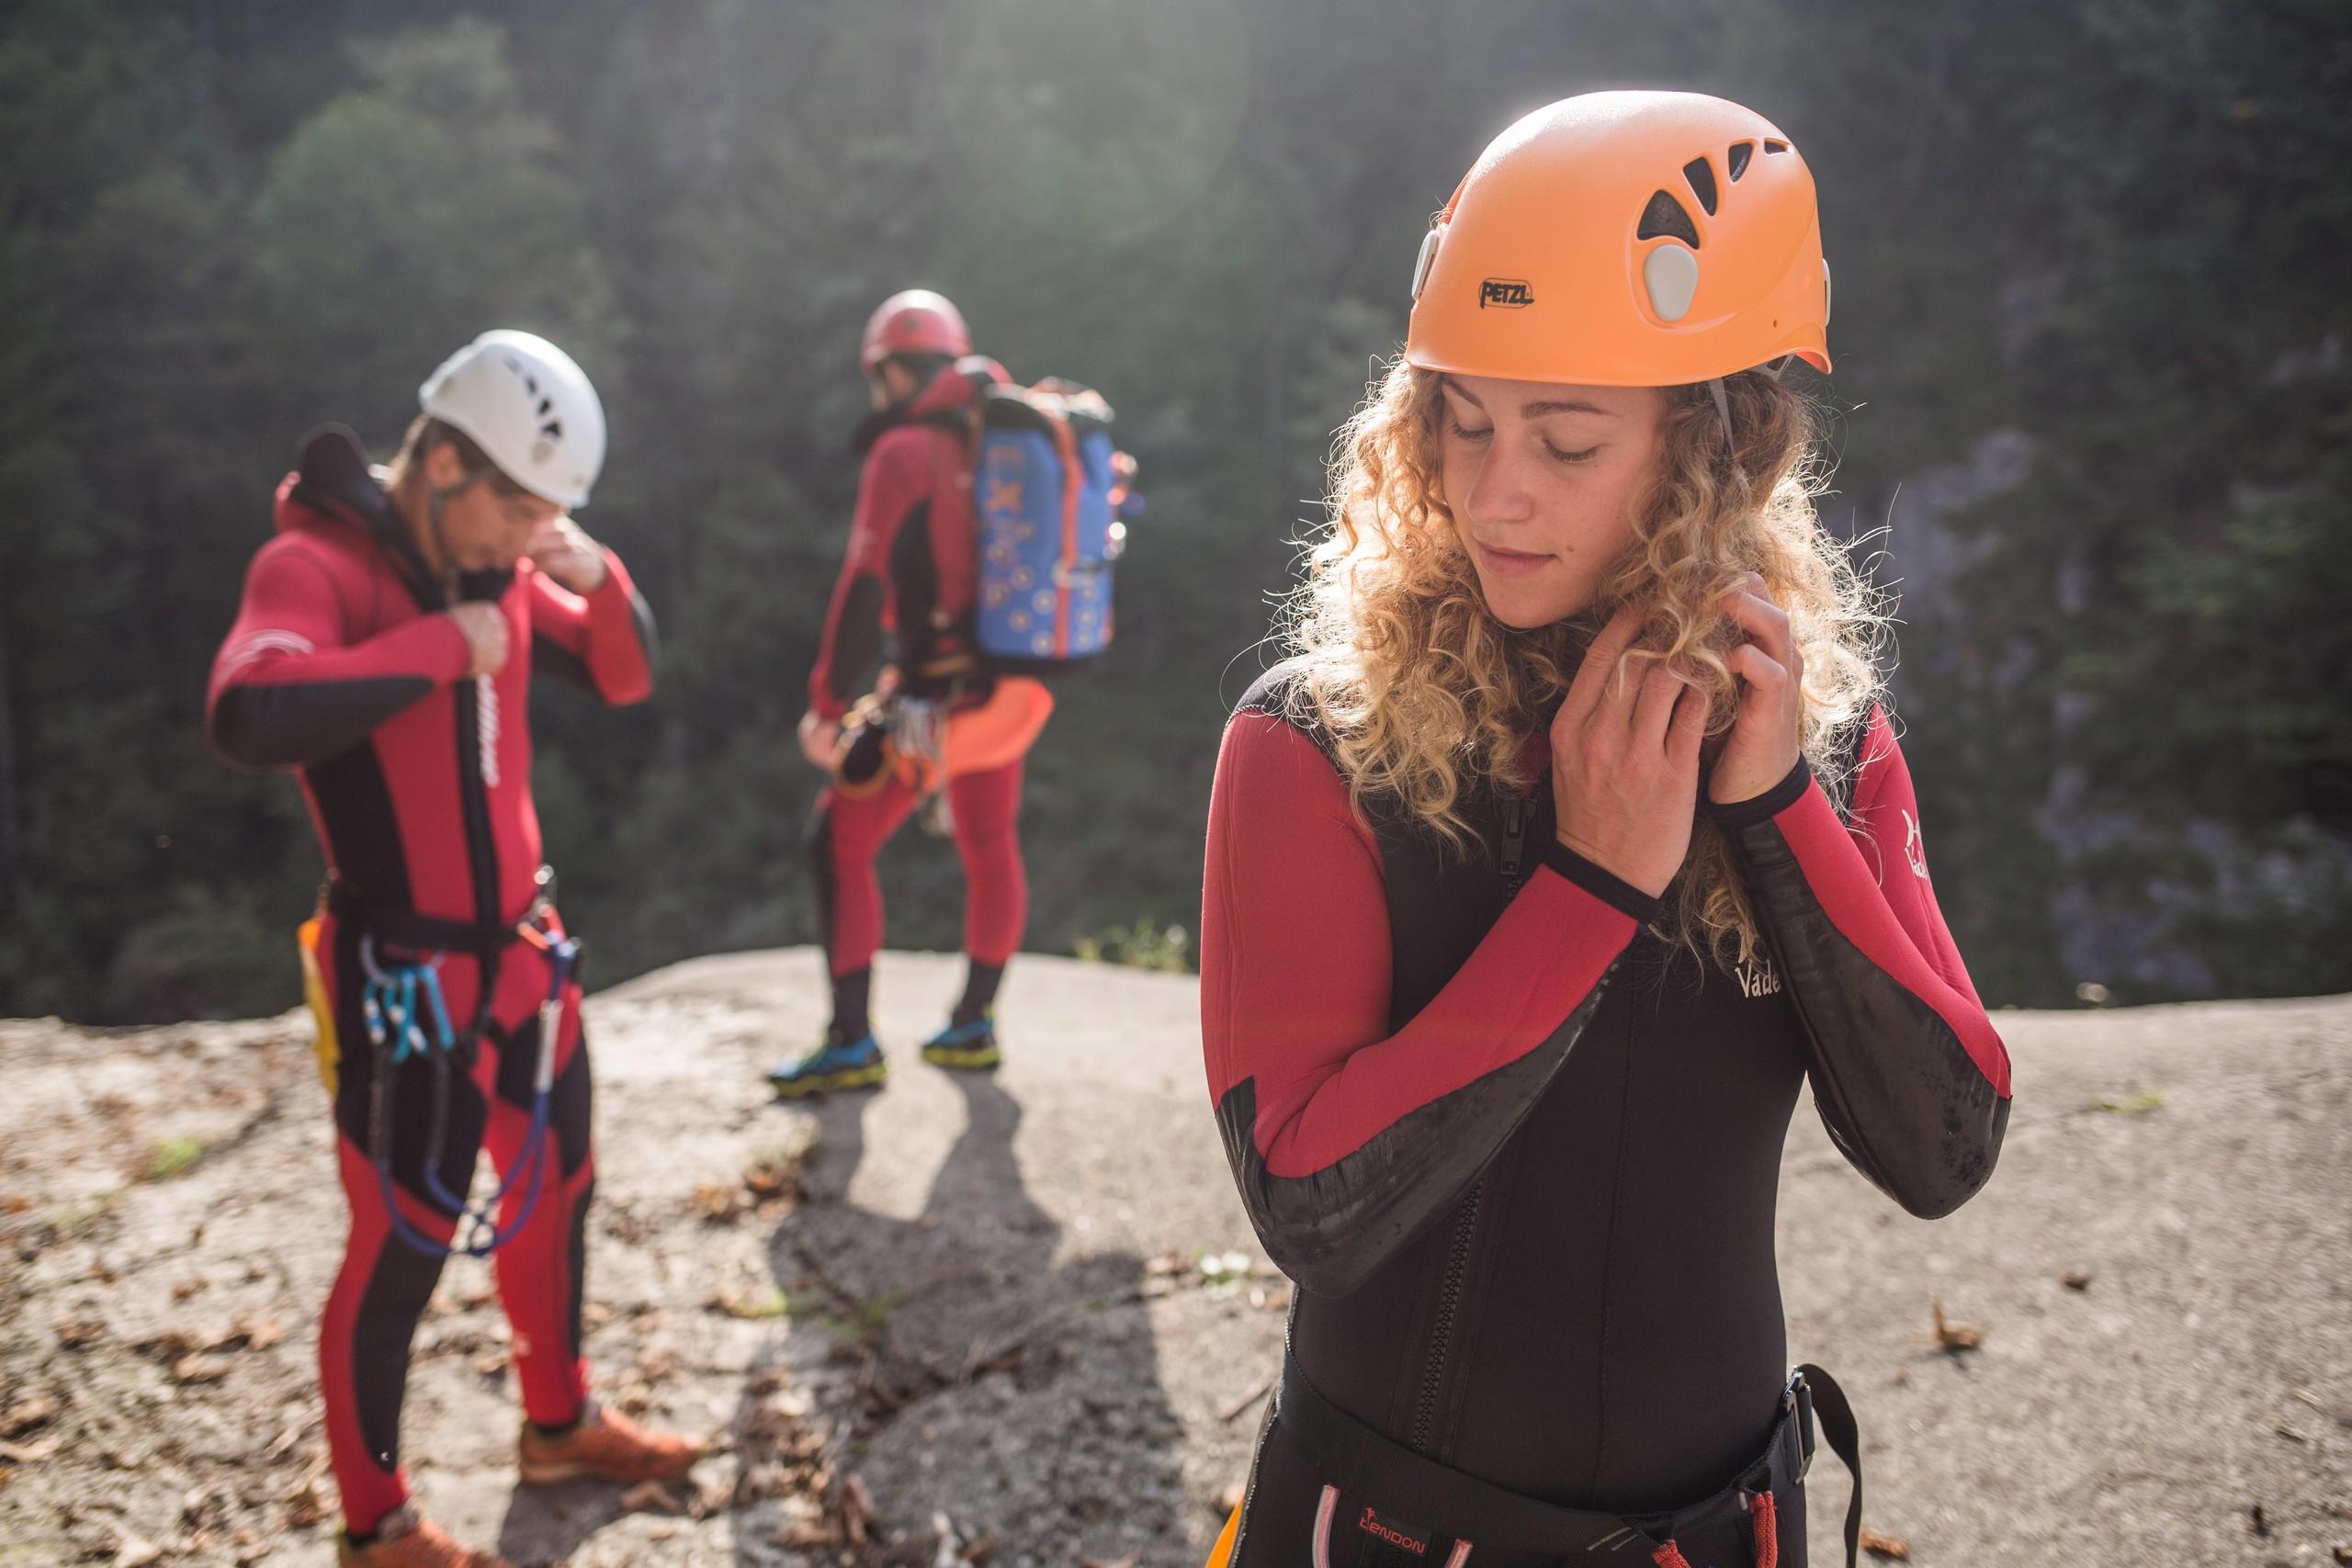 Eine junge Frau schließt Ihren Helm während der Canyoning-Guide in Salzburg wartet